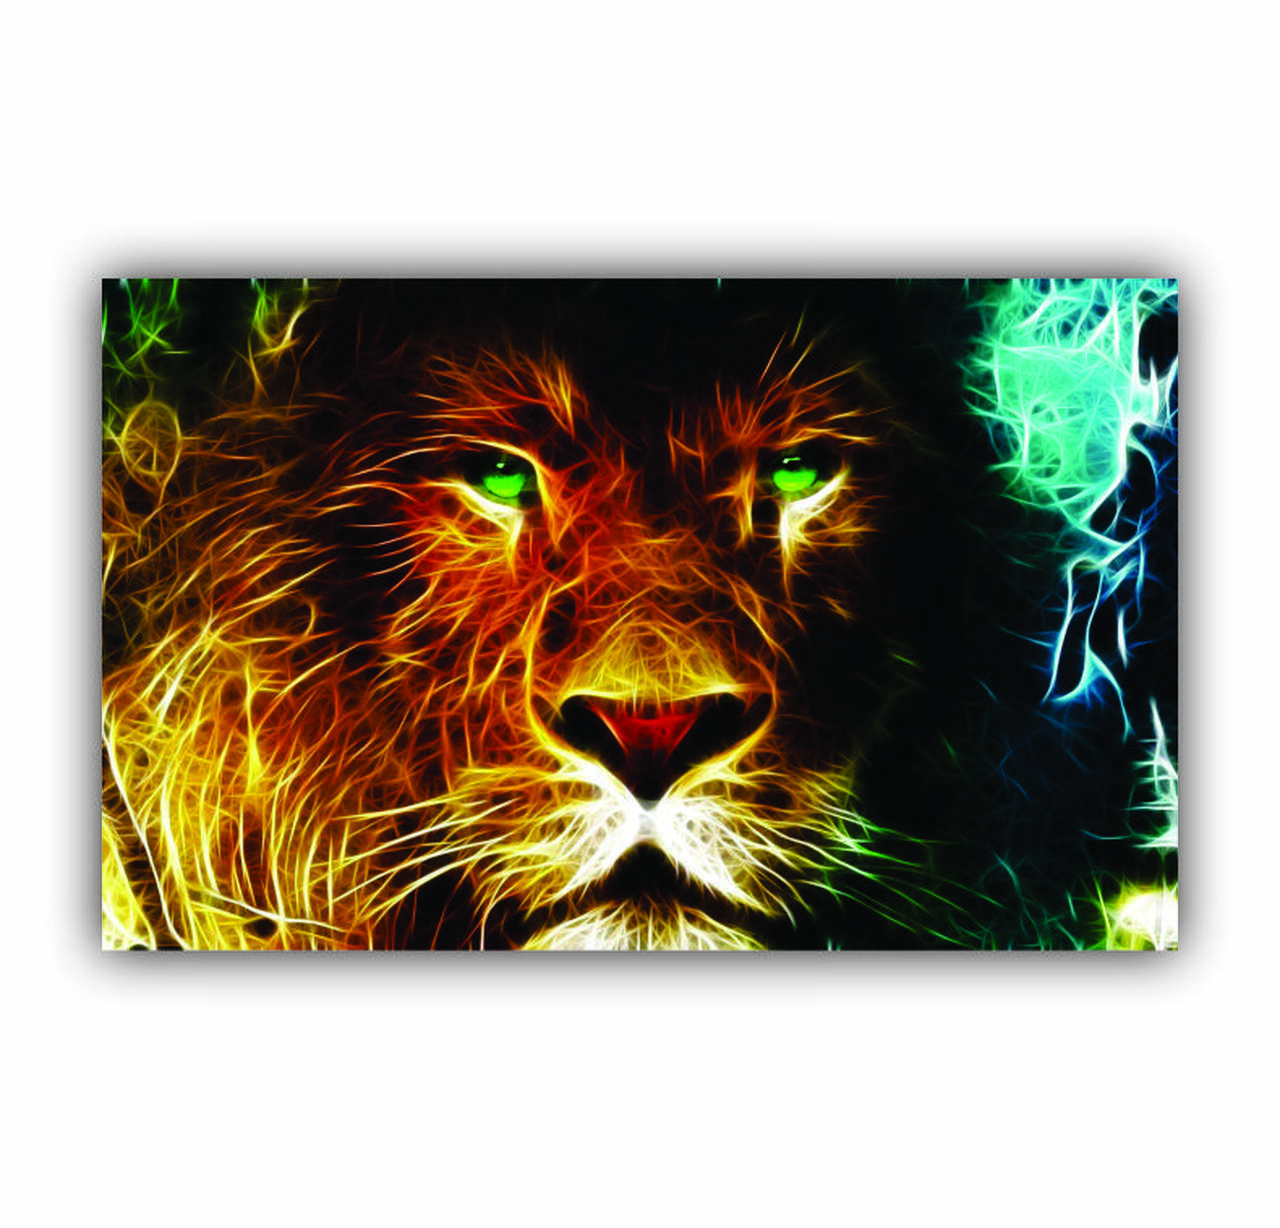 Quadro Leão Da Tribo de Judá Rei - Tela Única